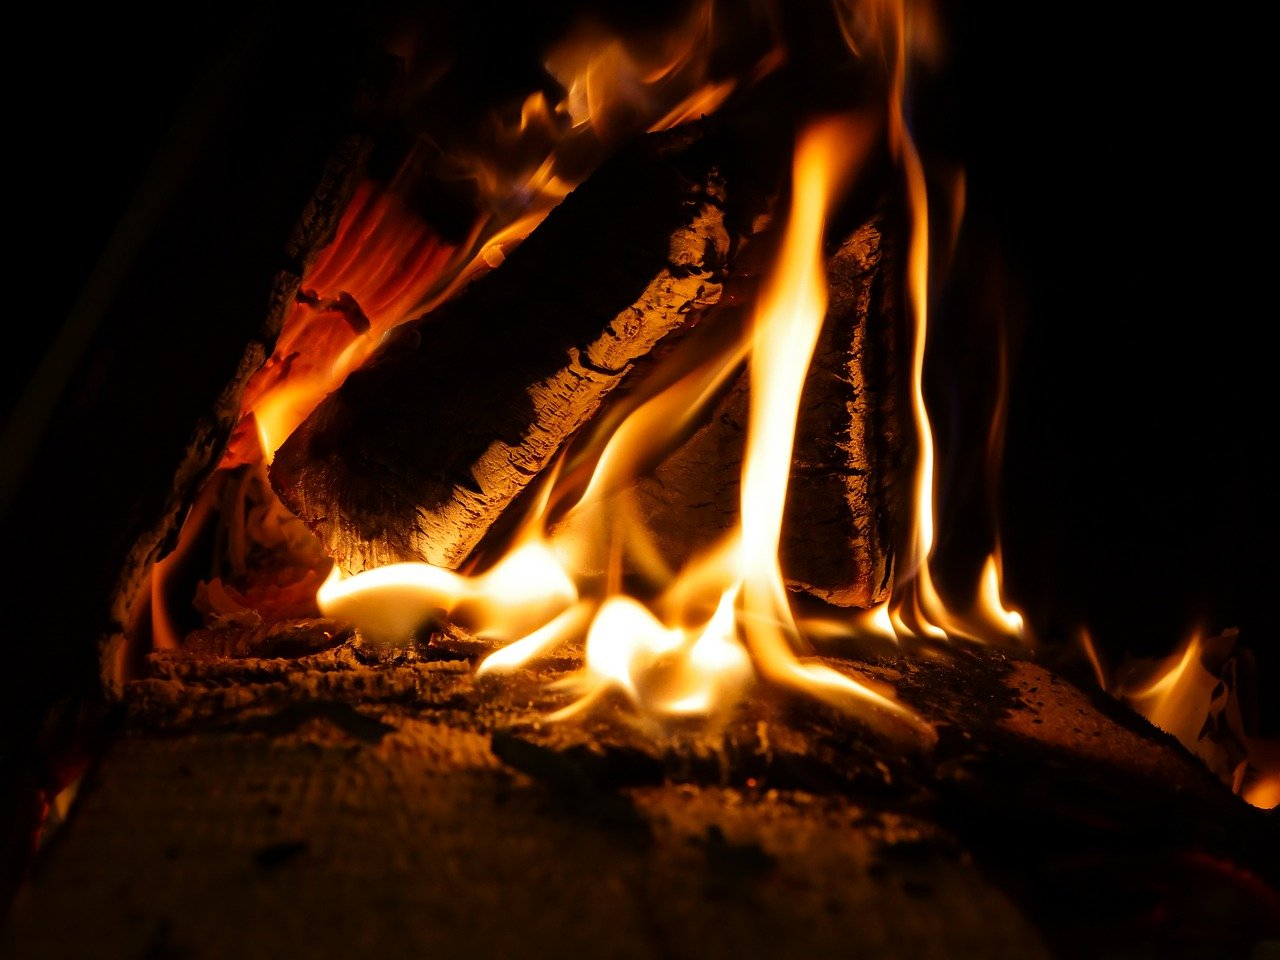 Дровяная печь возле Нижегородской ярмарки будет обогревать посетителей в холодное время